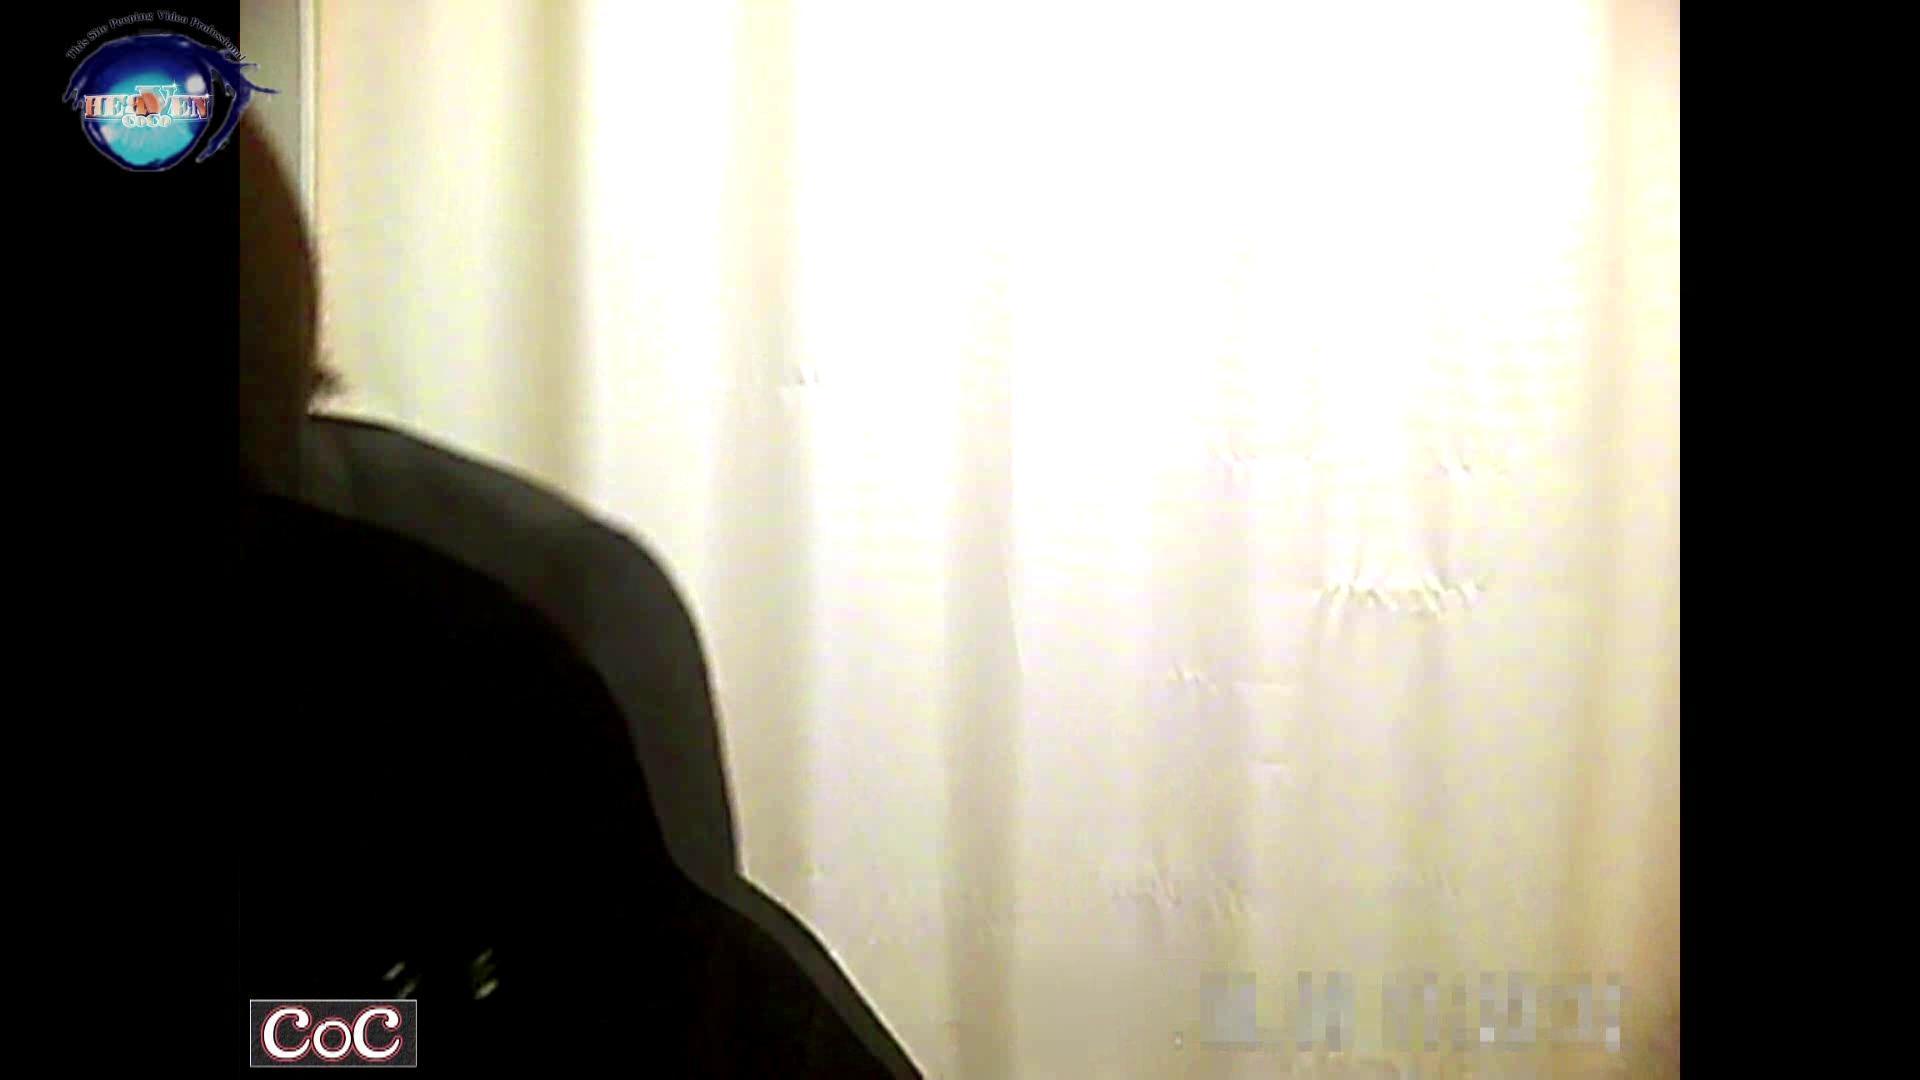 激ヤバ健康診断!着替えの一部始終.vol.13 ※本編ボカシ・目線無し ナースのエロ動画 | ギャルのエロ動画 のぞき 97PIX 61